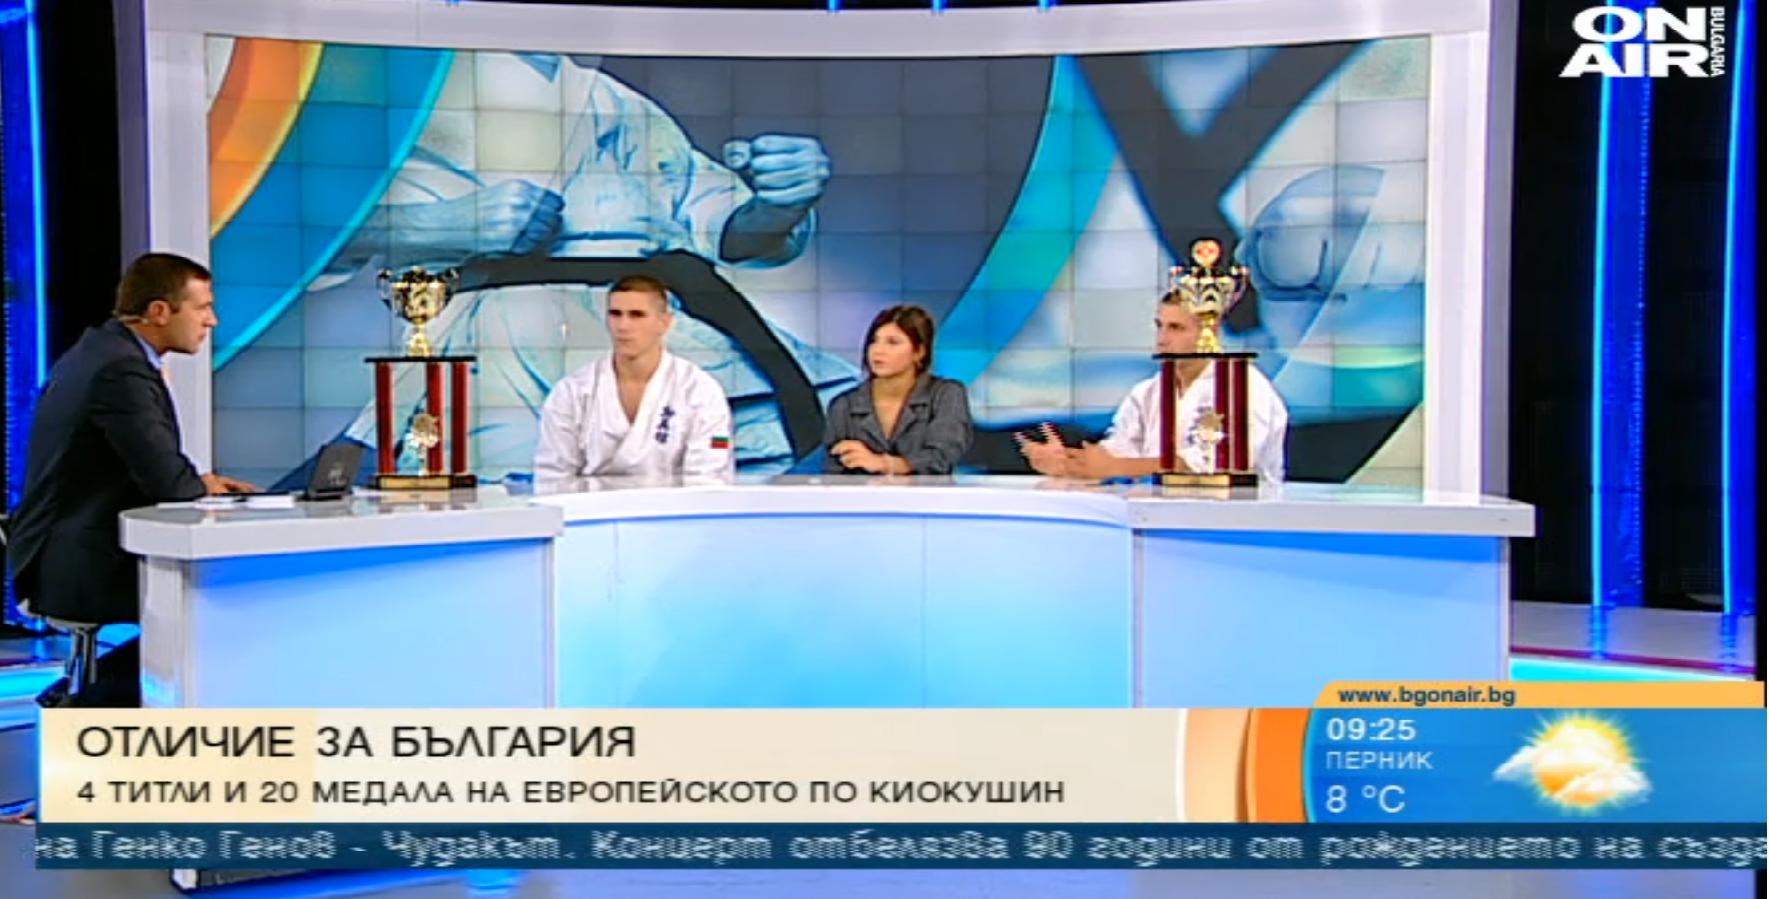 Европейските ни шампиони в киокушина на гости в Bulgaria On Air